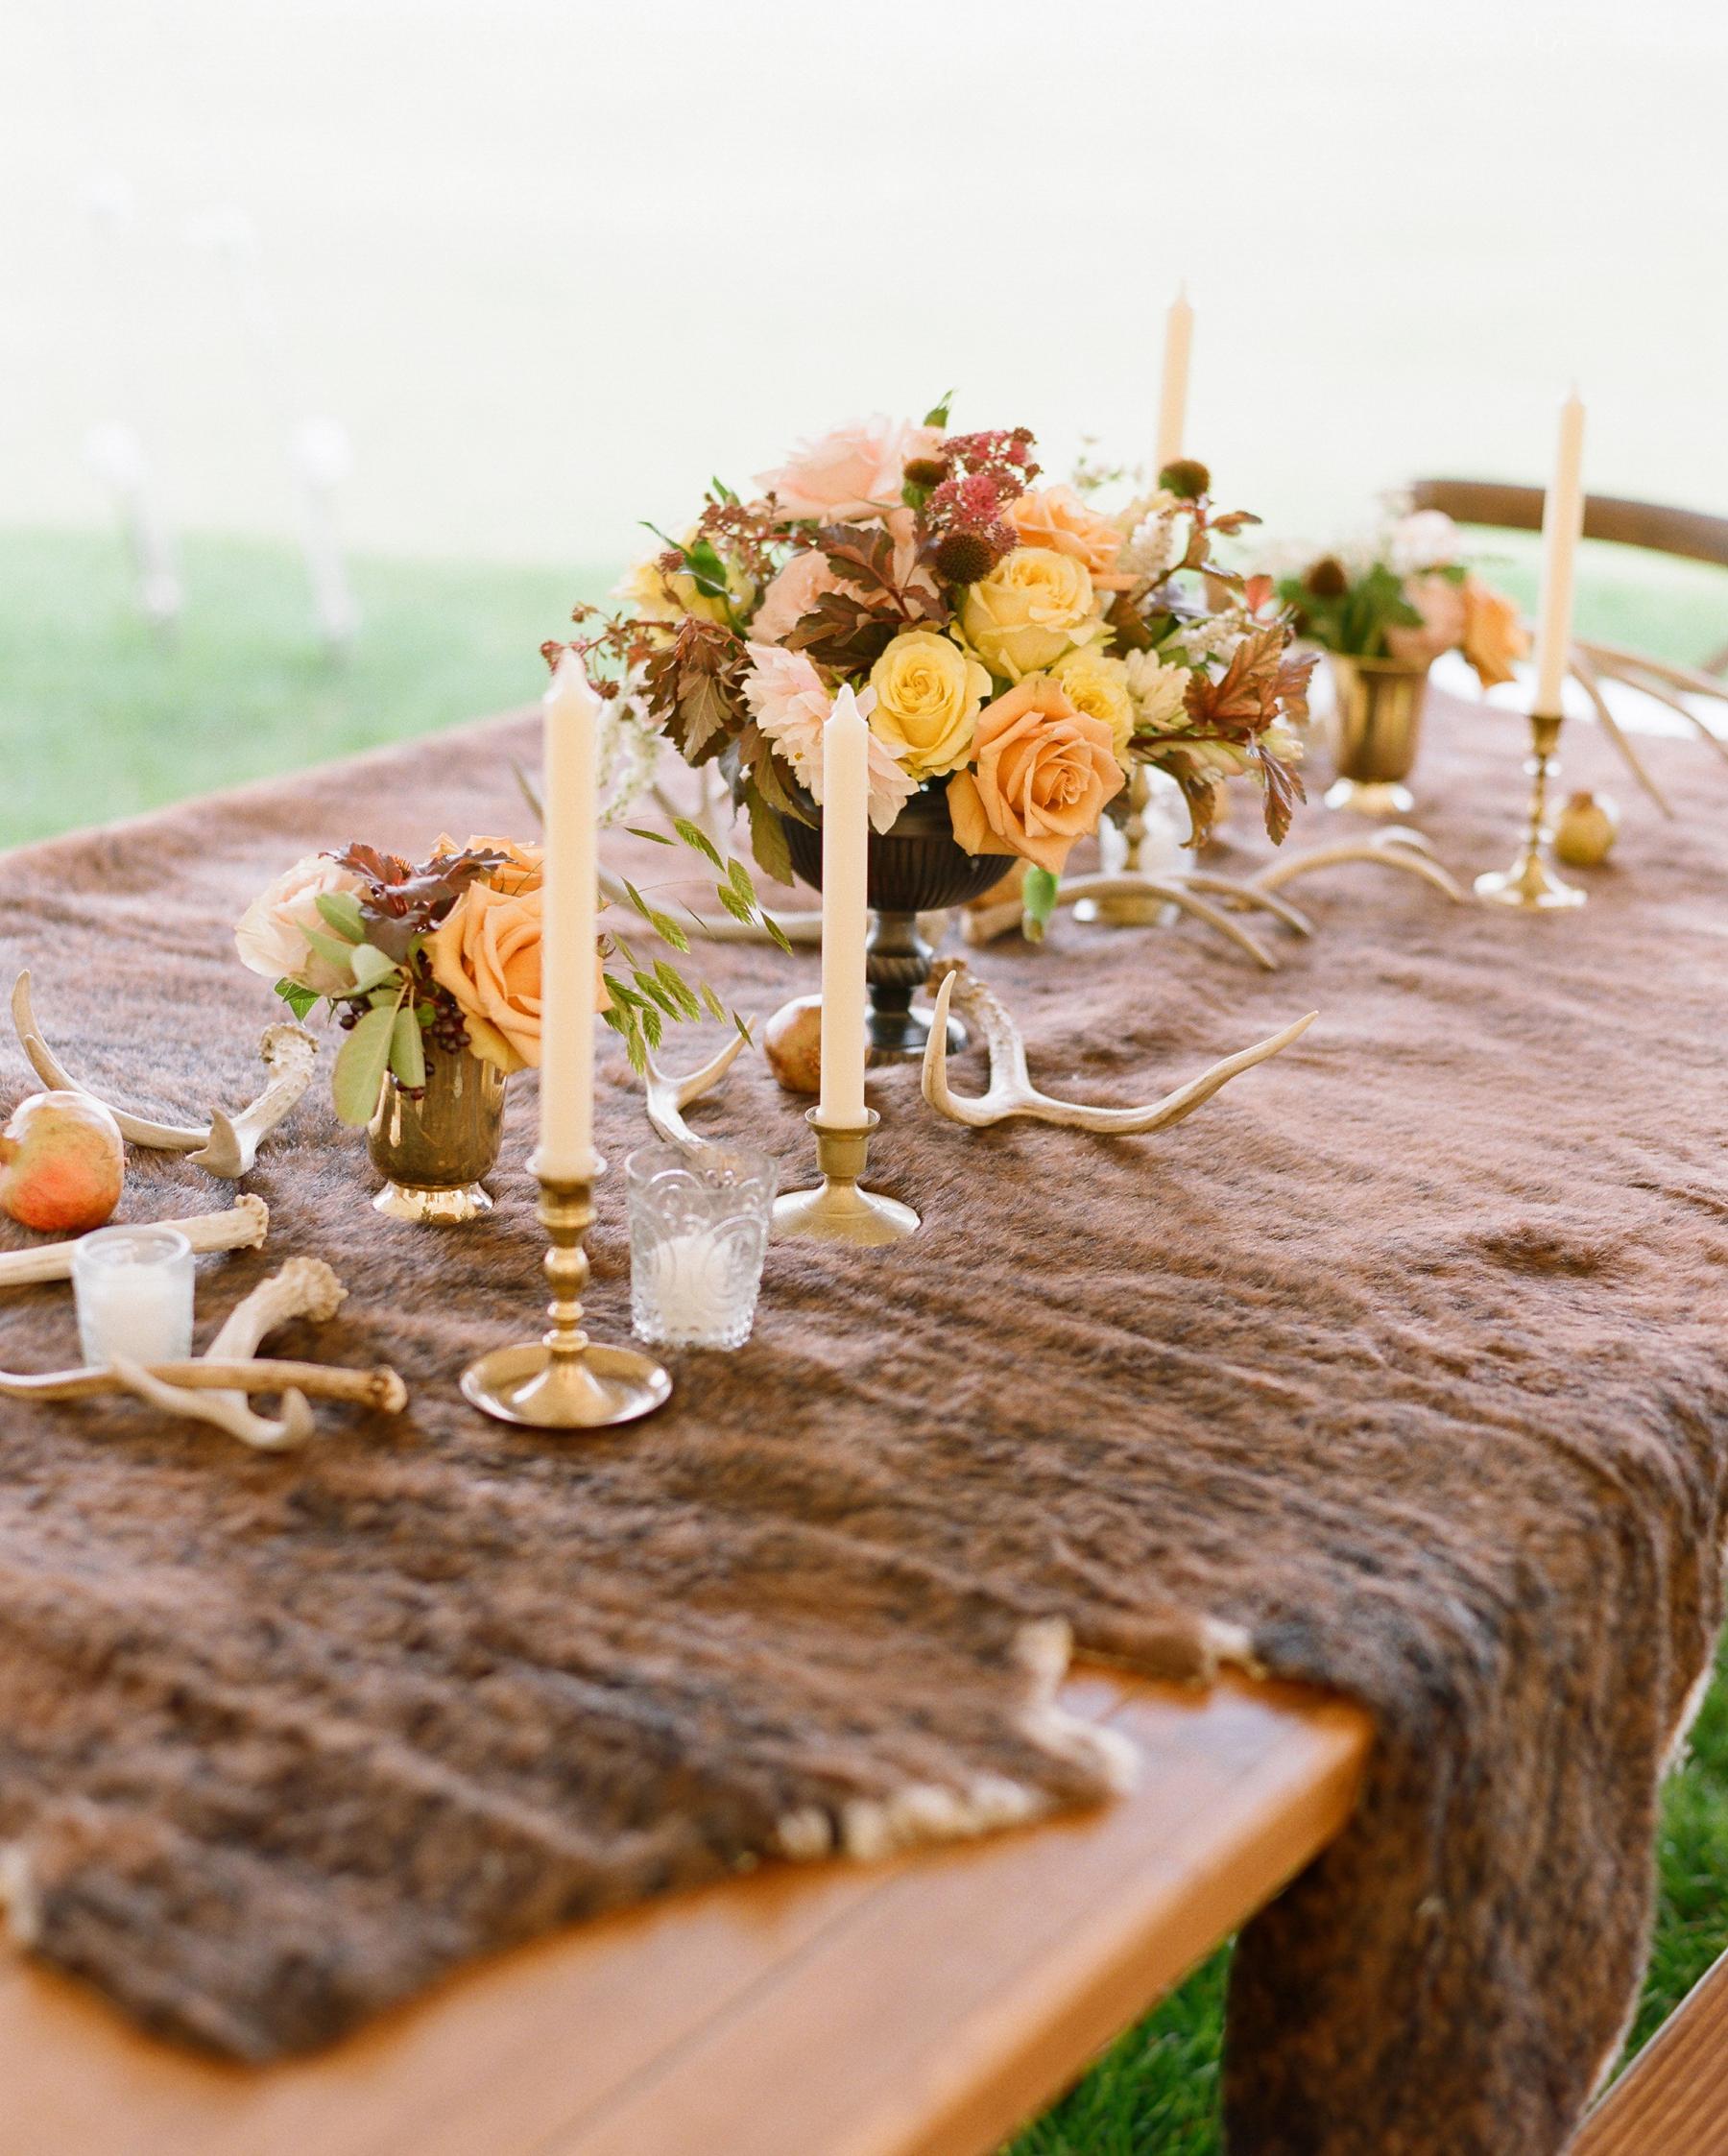 callie-eric-wedding-table-462-s112113-0815.jpg